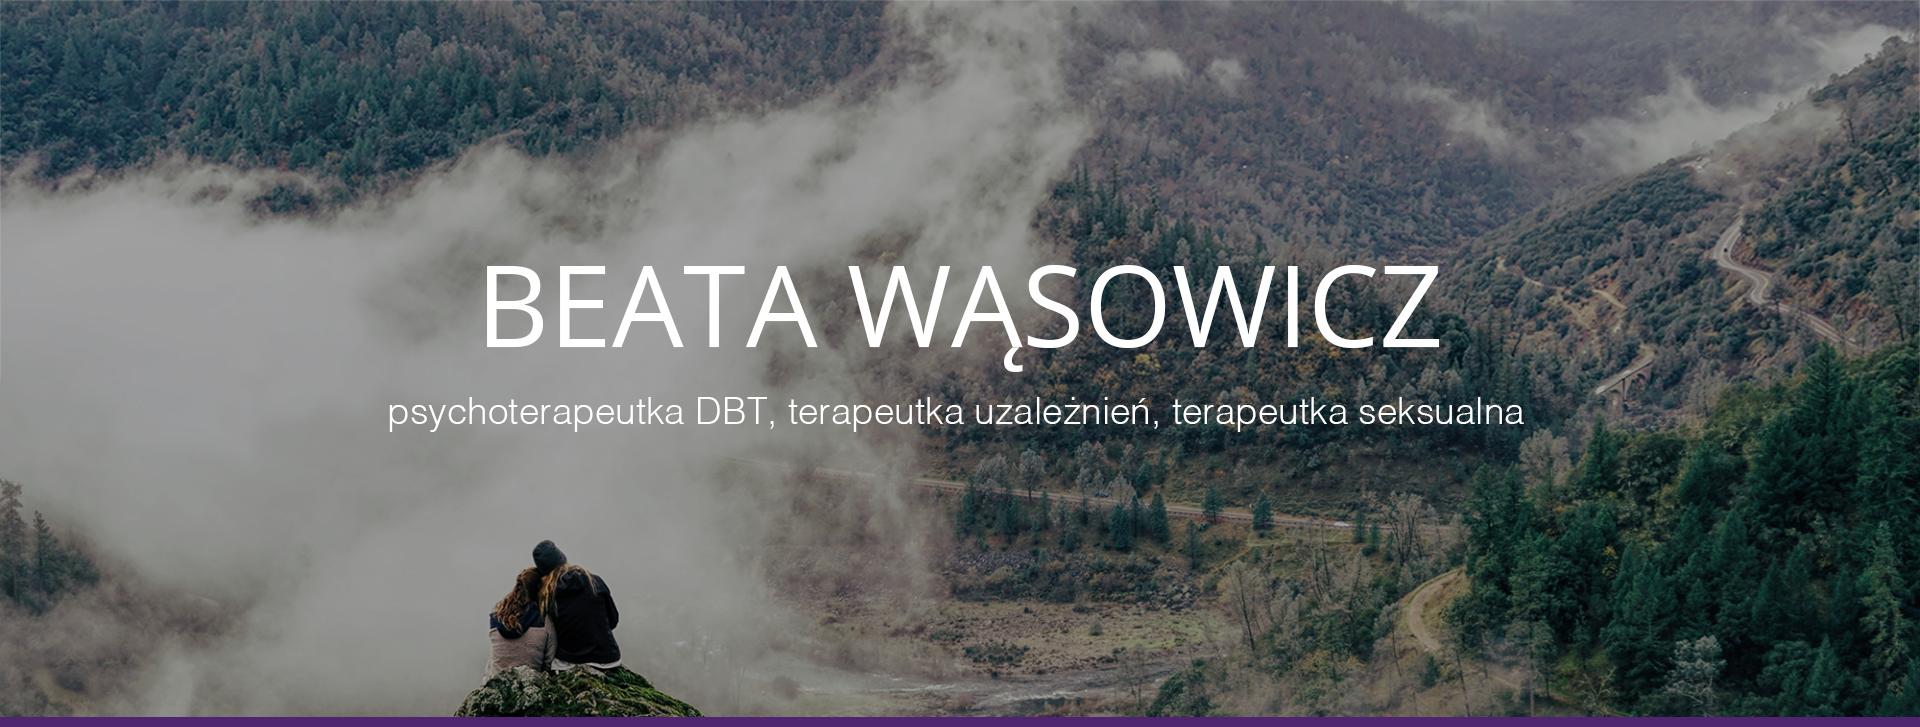 Beata Wąsowicz